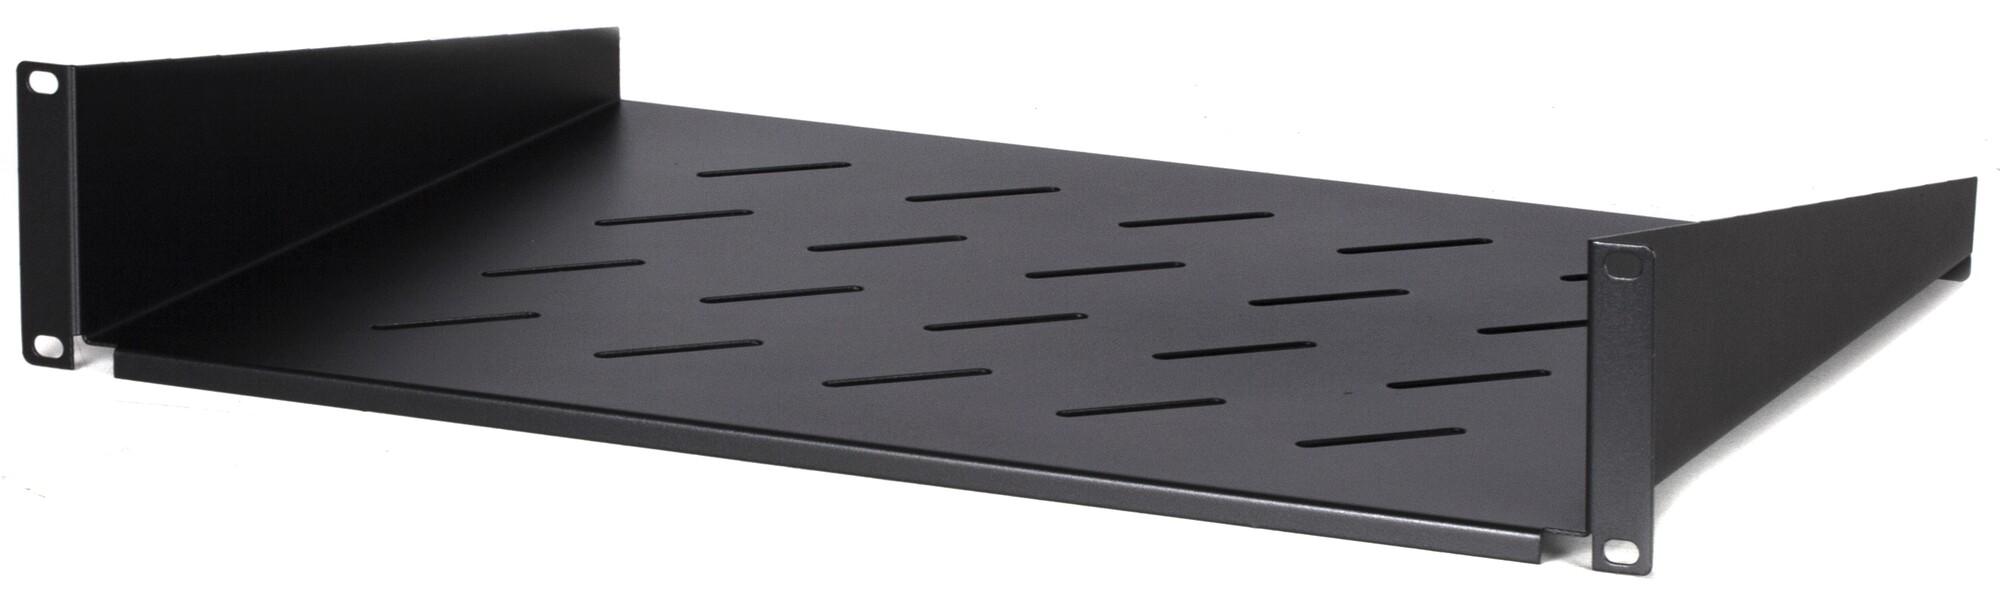 Afbeelding van 2U Legbord voor 450mm diepe wandkasten - 350mm diep (max. 15 kg)